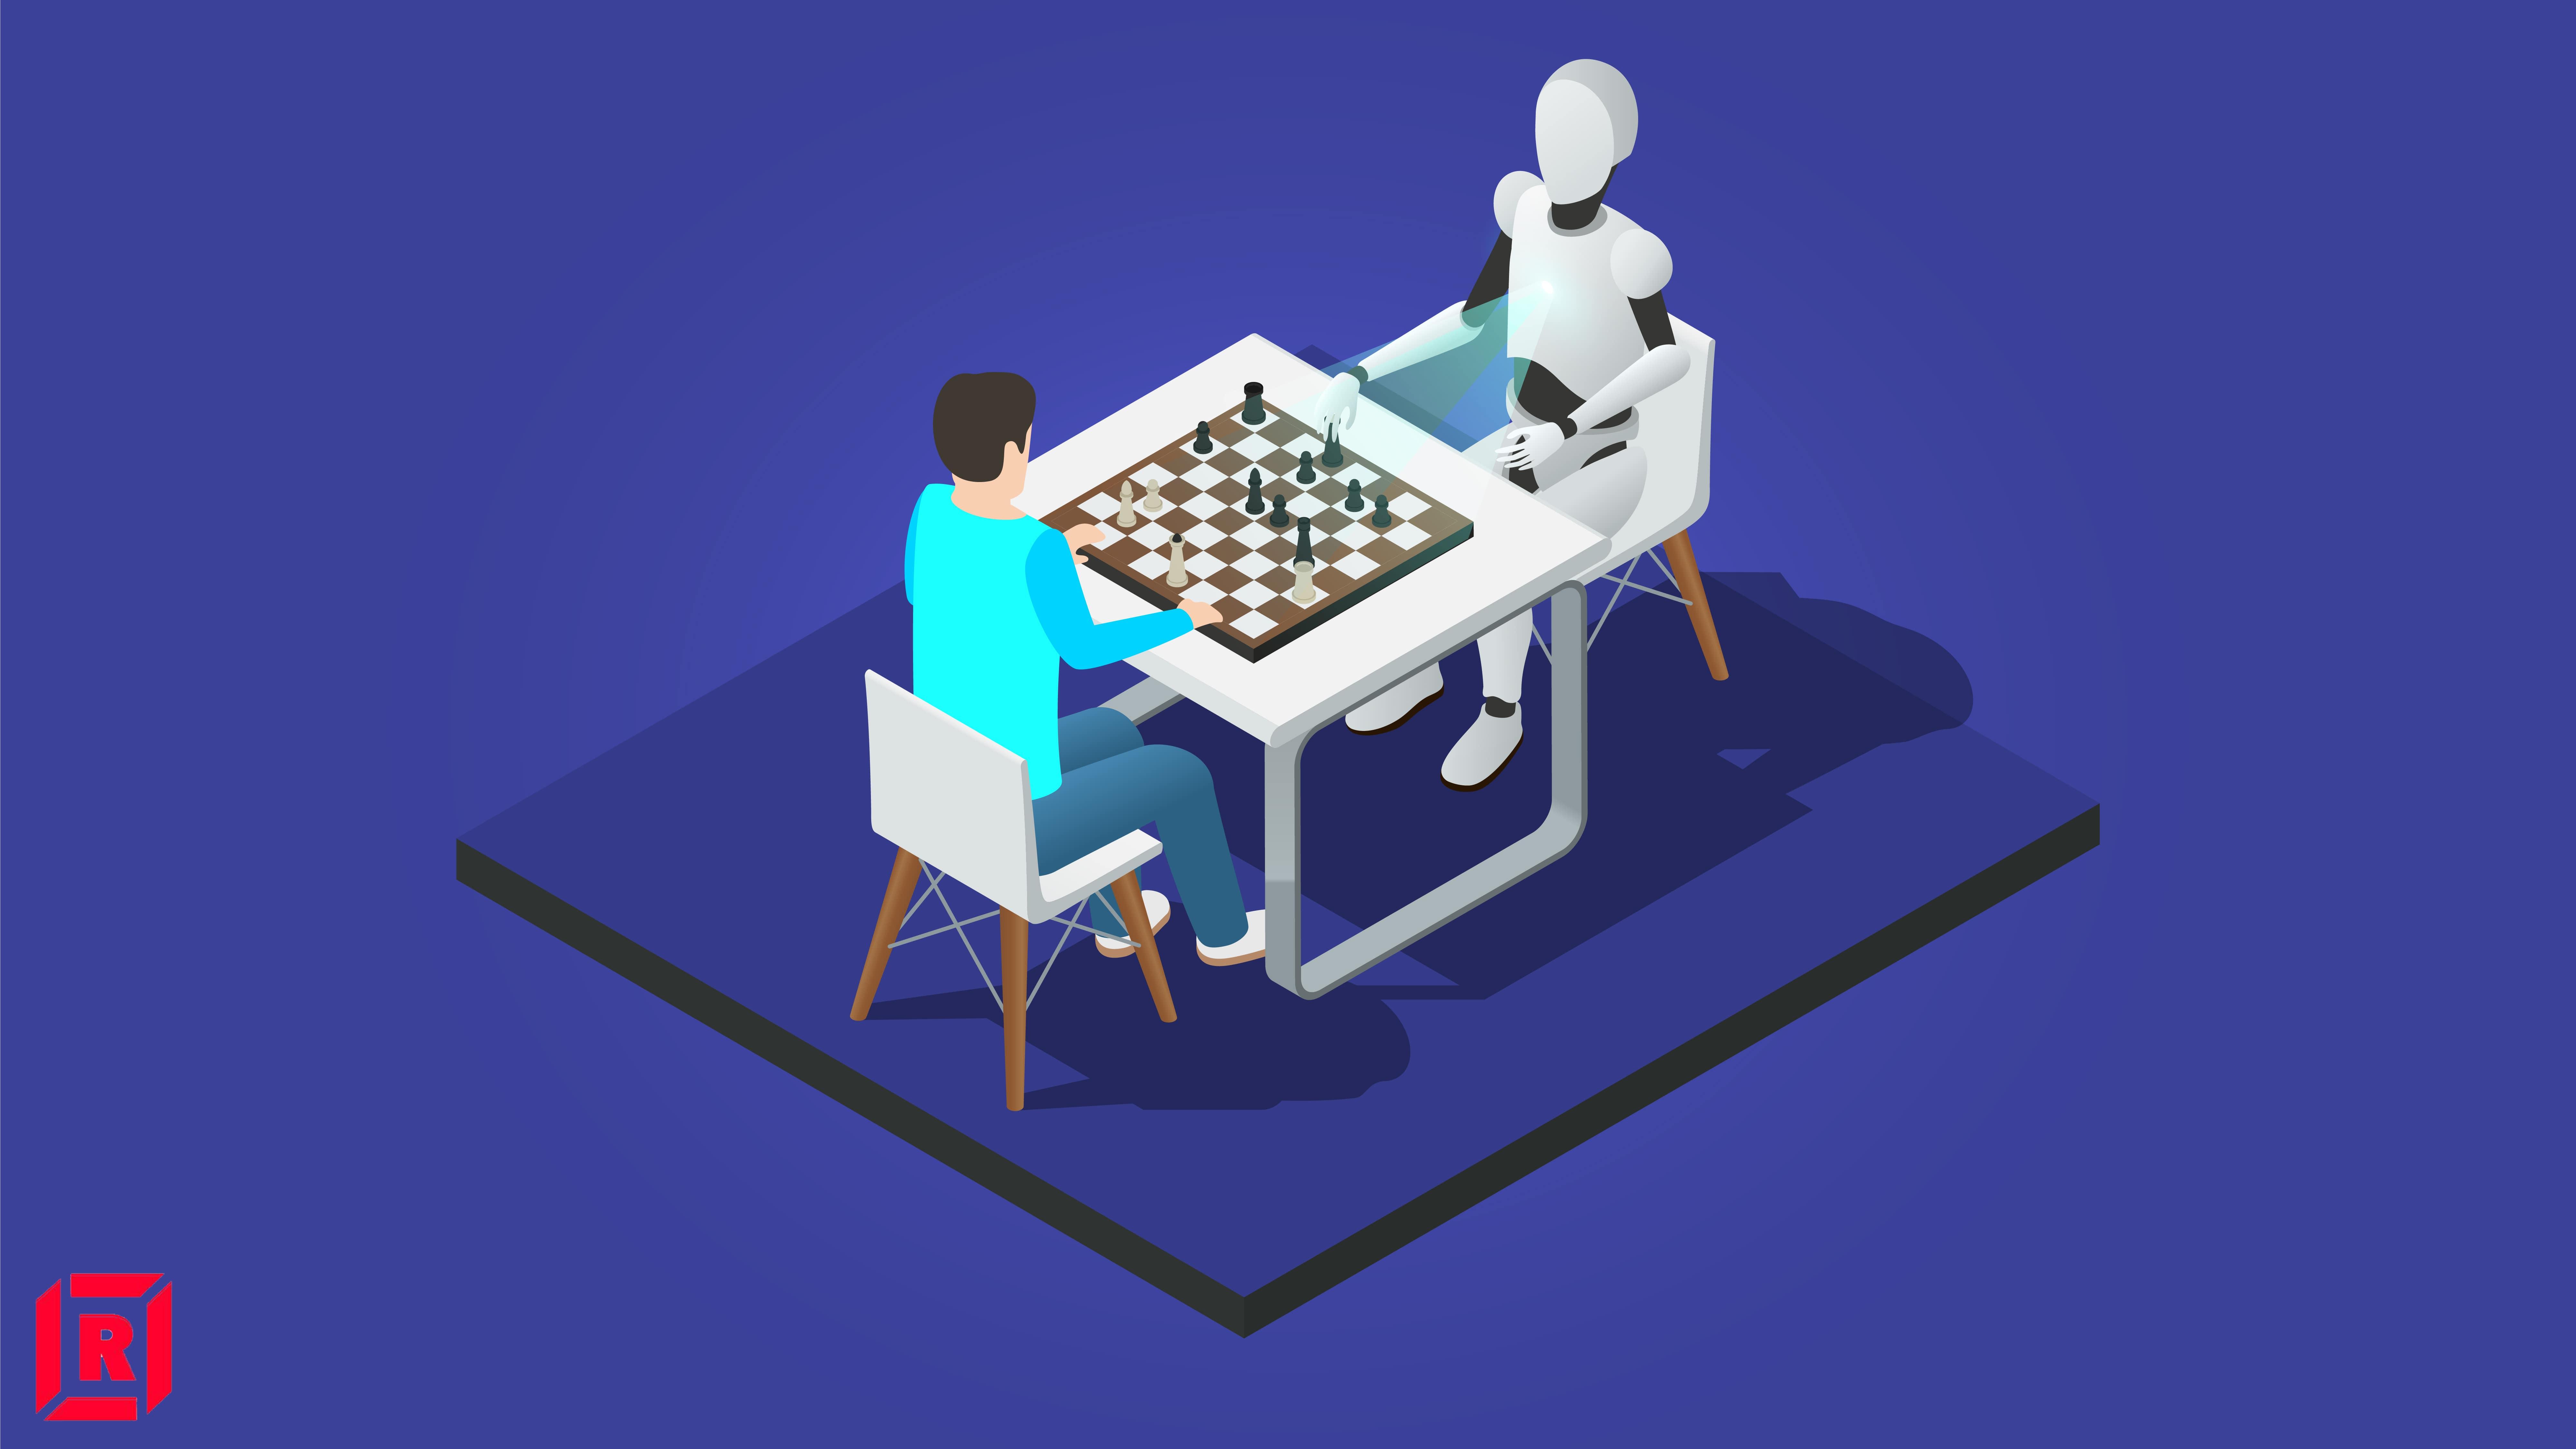 Computer beating human at chess